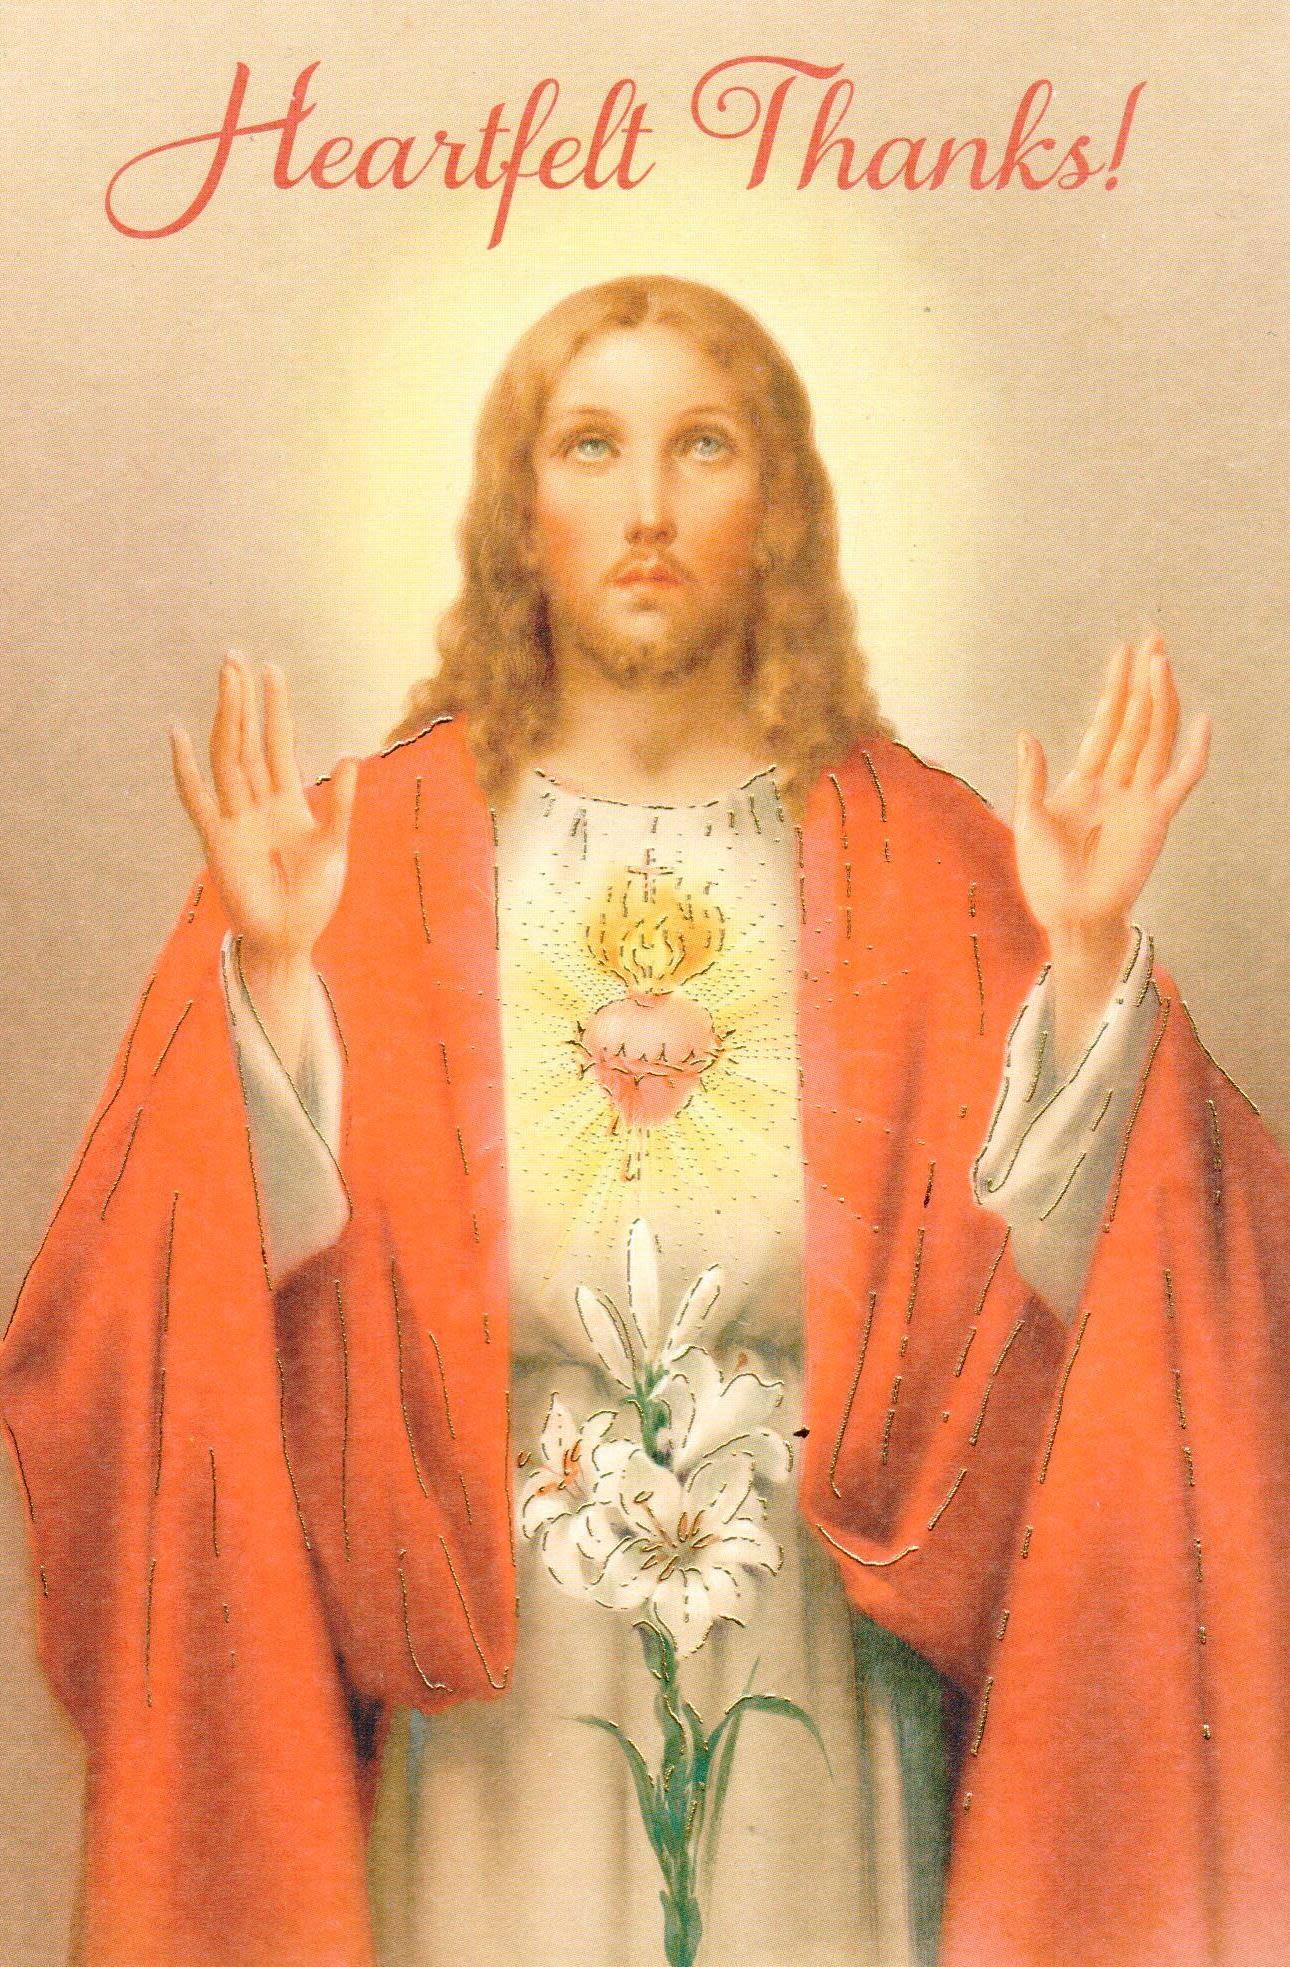 Heartfelt Thanks - Sacred Heart